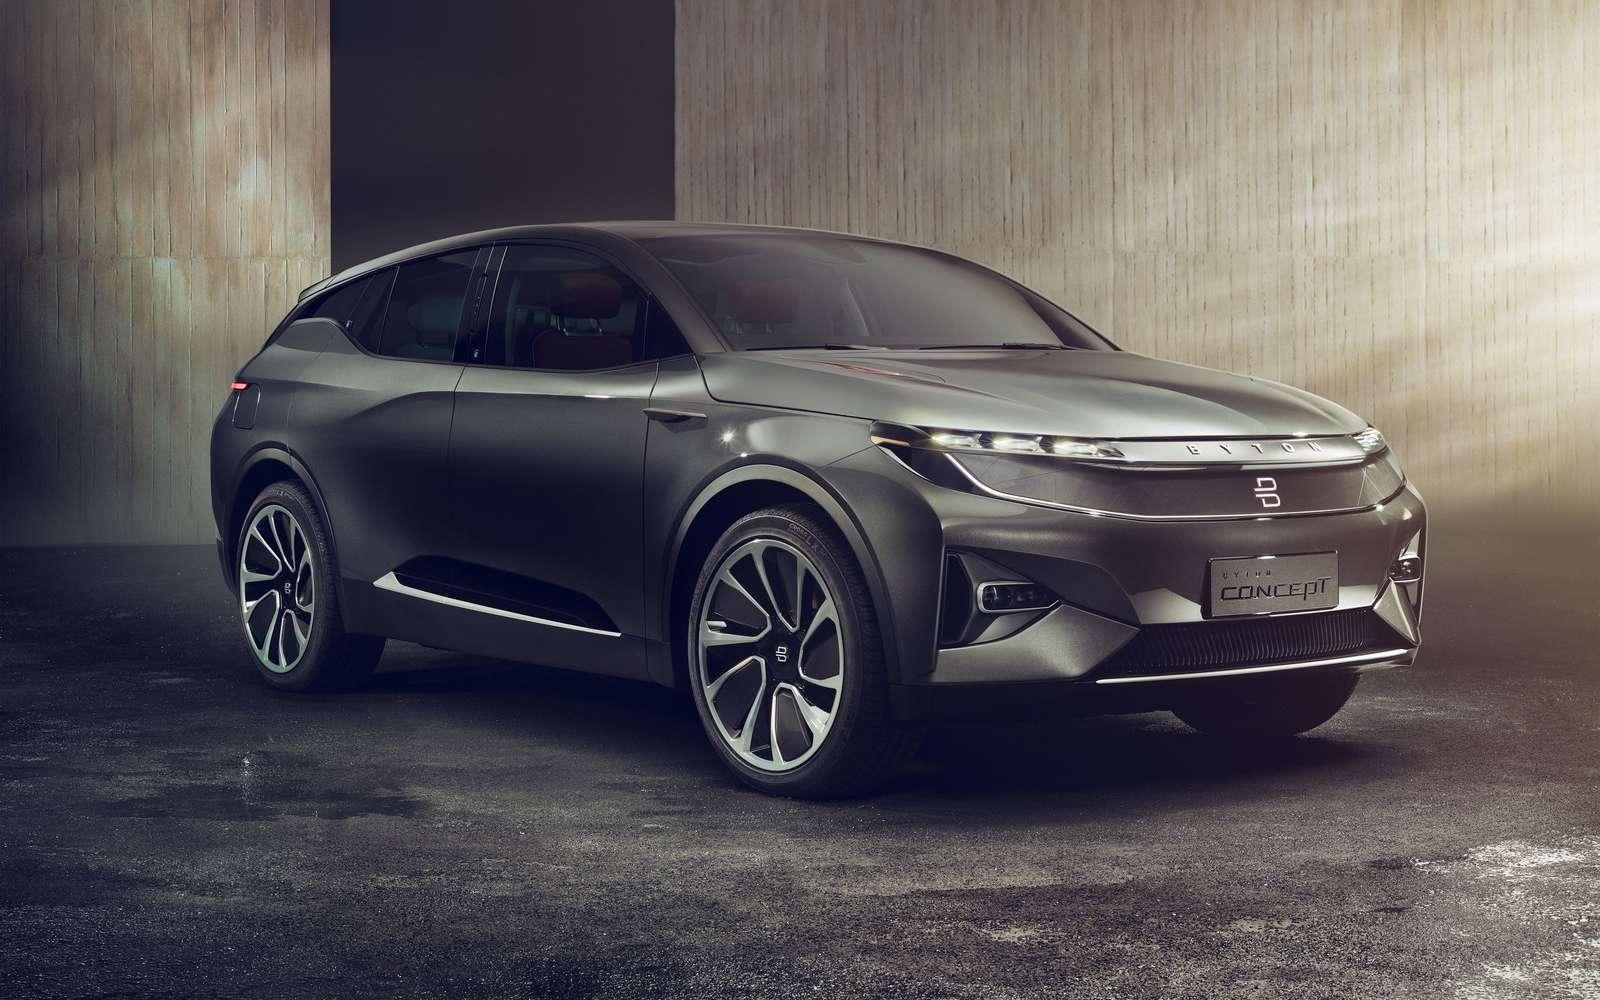 Le concept-car de l'entreprise chinoiss Byton dévoilé au CES 2018 est très abouti. Il sera commercialisé dans une version quasiment identique dès l'année prochaine. © Byton